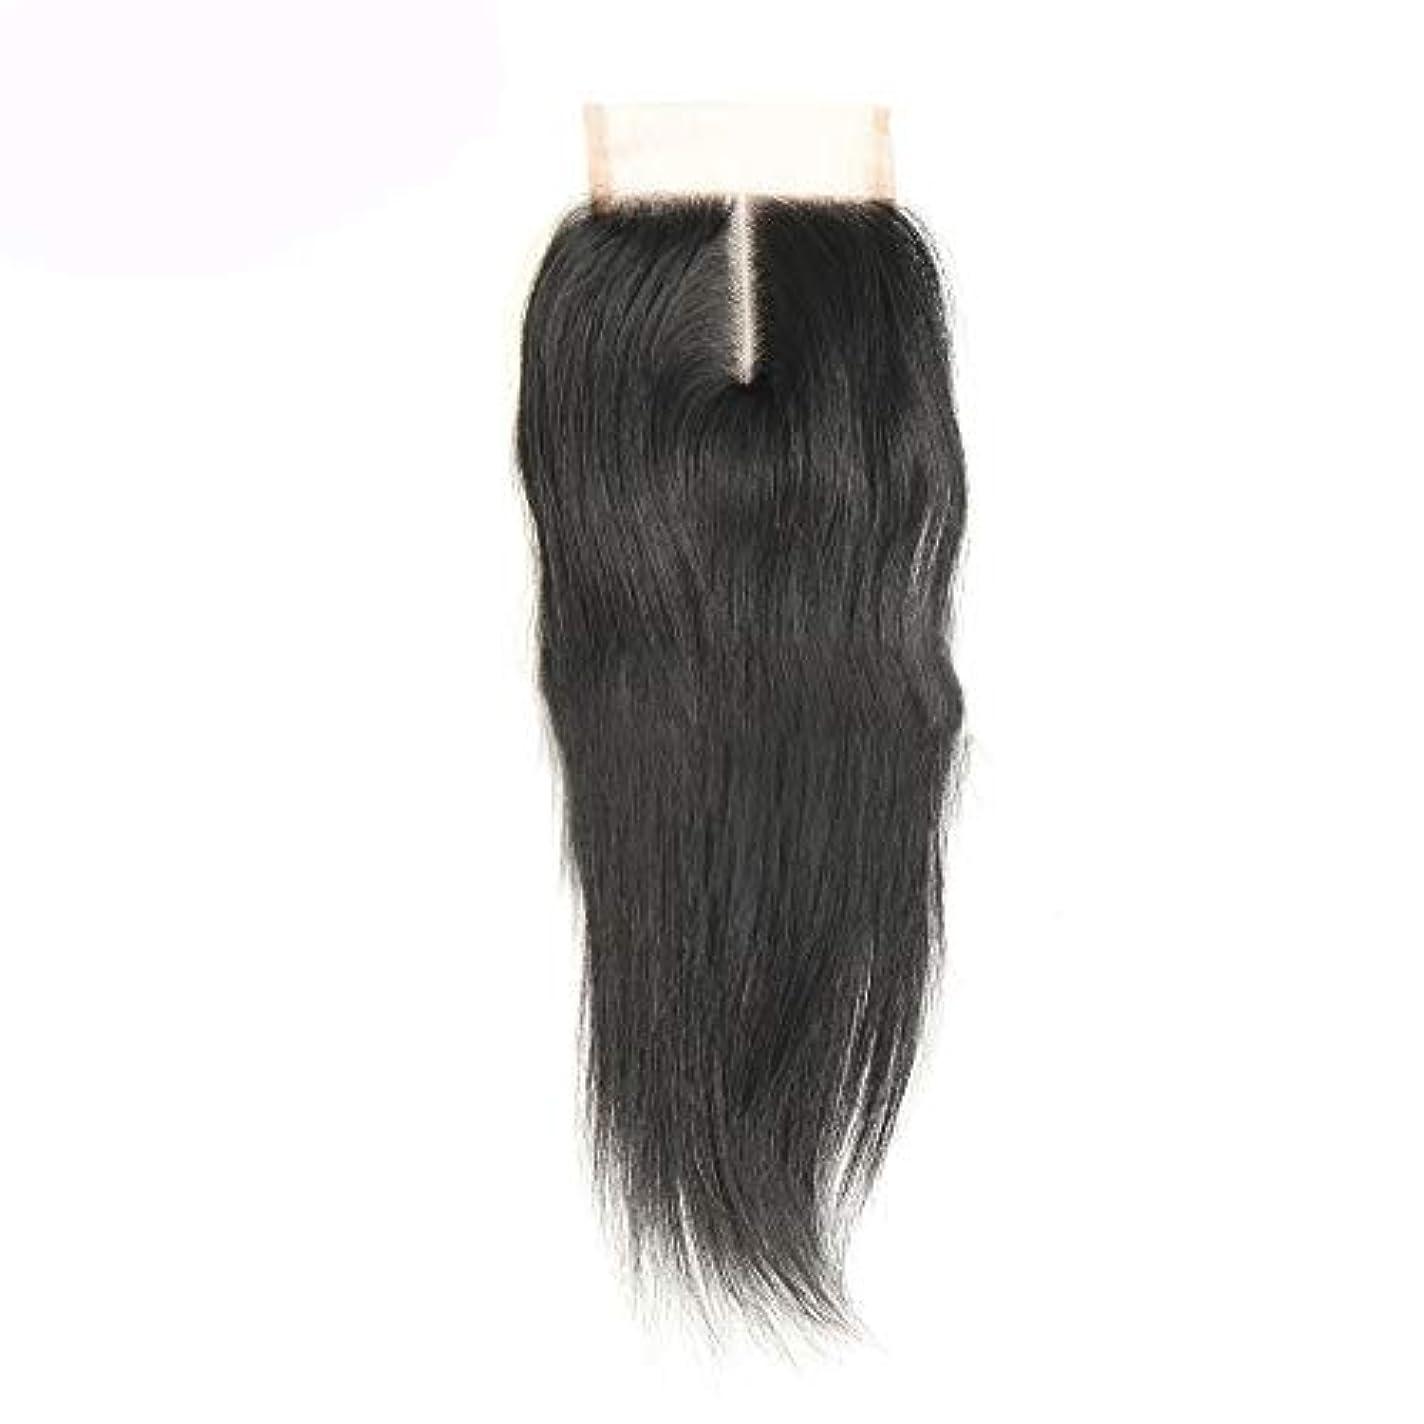 電子静脈高原WASAIO 中部ストレートレース閉鎖ブラジル人間の髪の毛の閉鎖 (色 : 黒, サイズ : 8 inch)